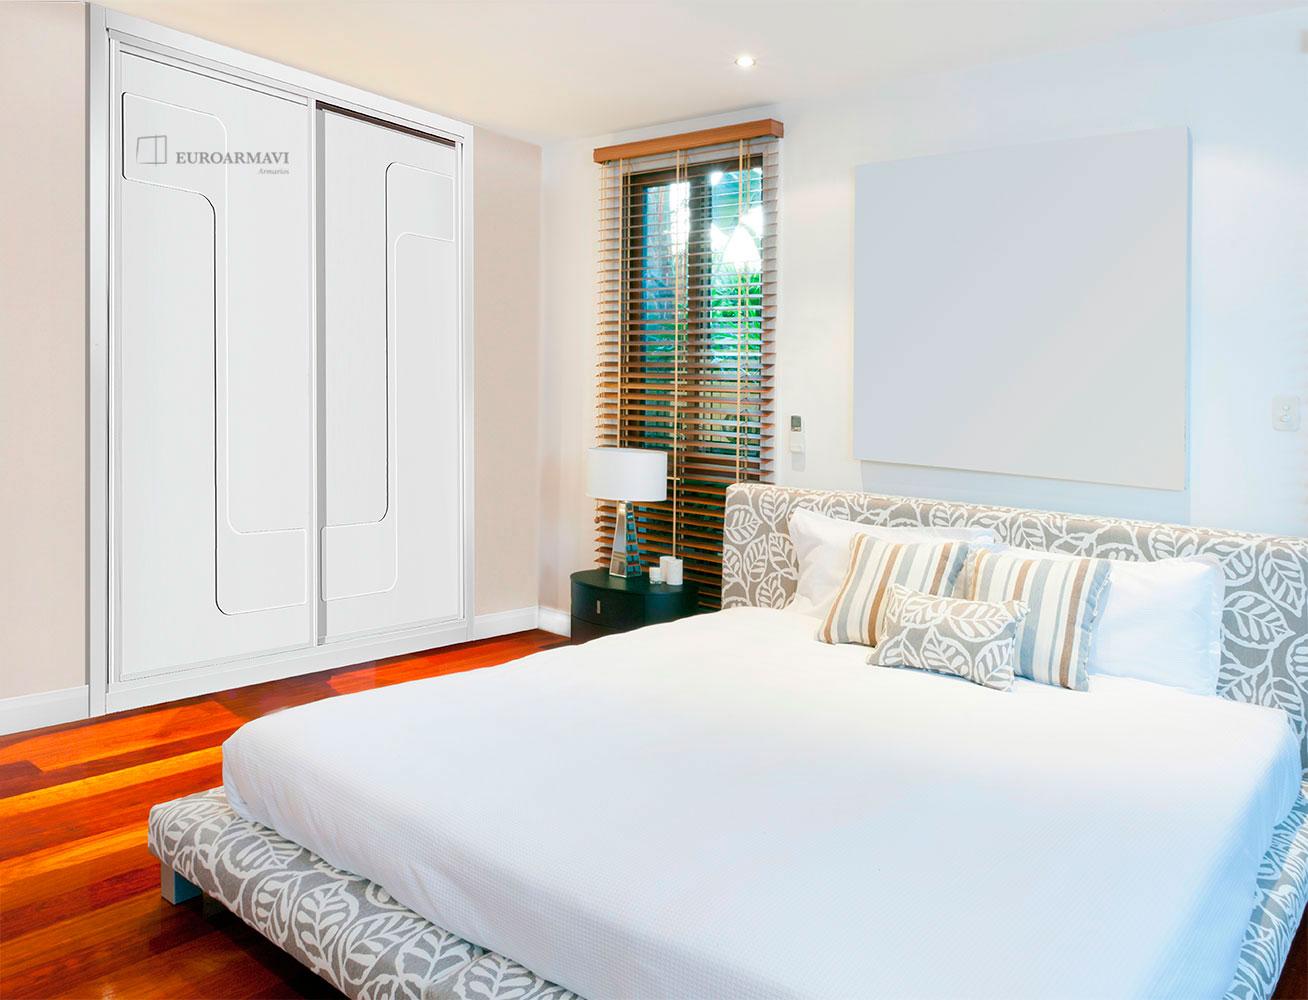 Lacado 902 puertas innova s l u for Estilo moderno interiores